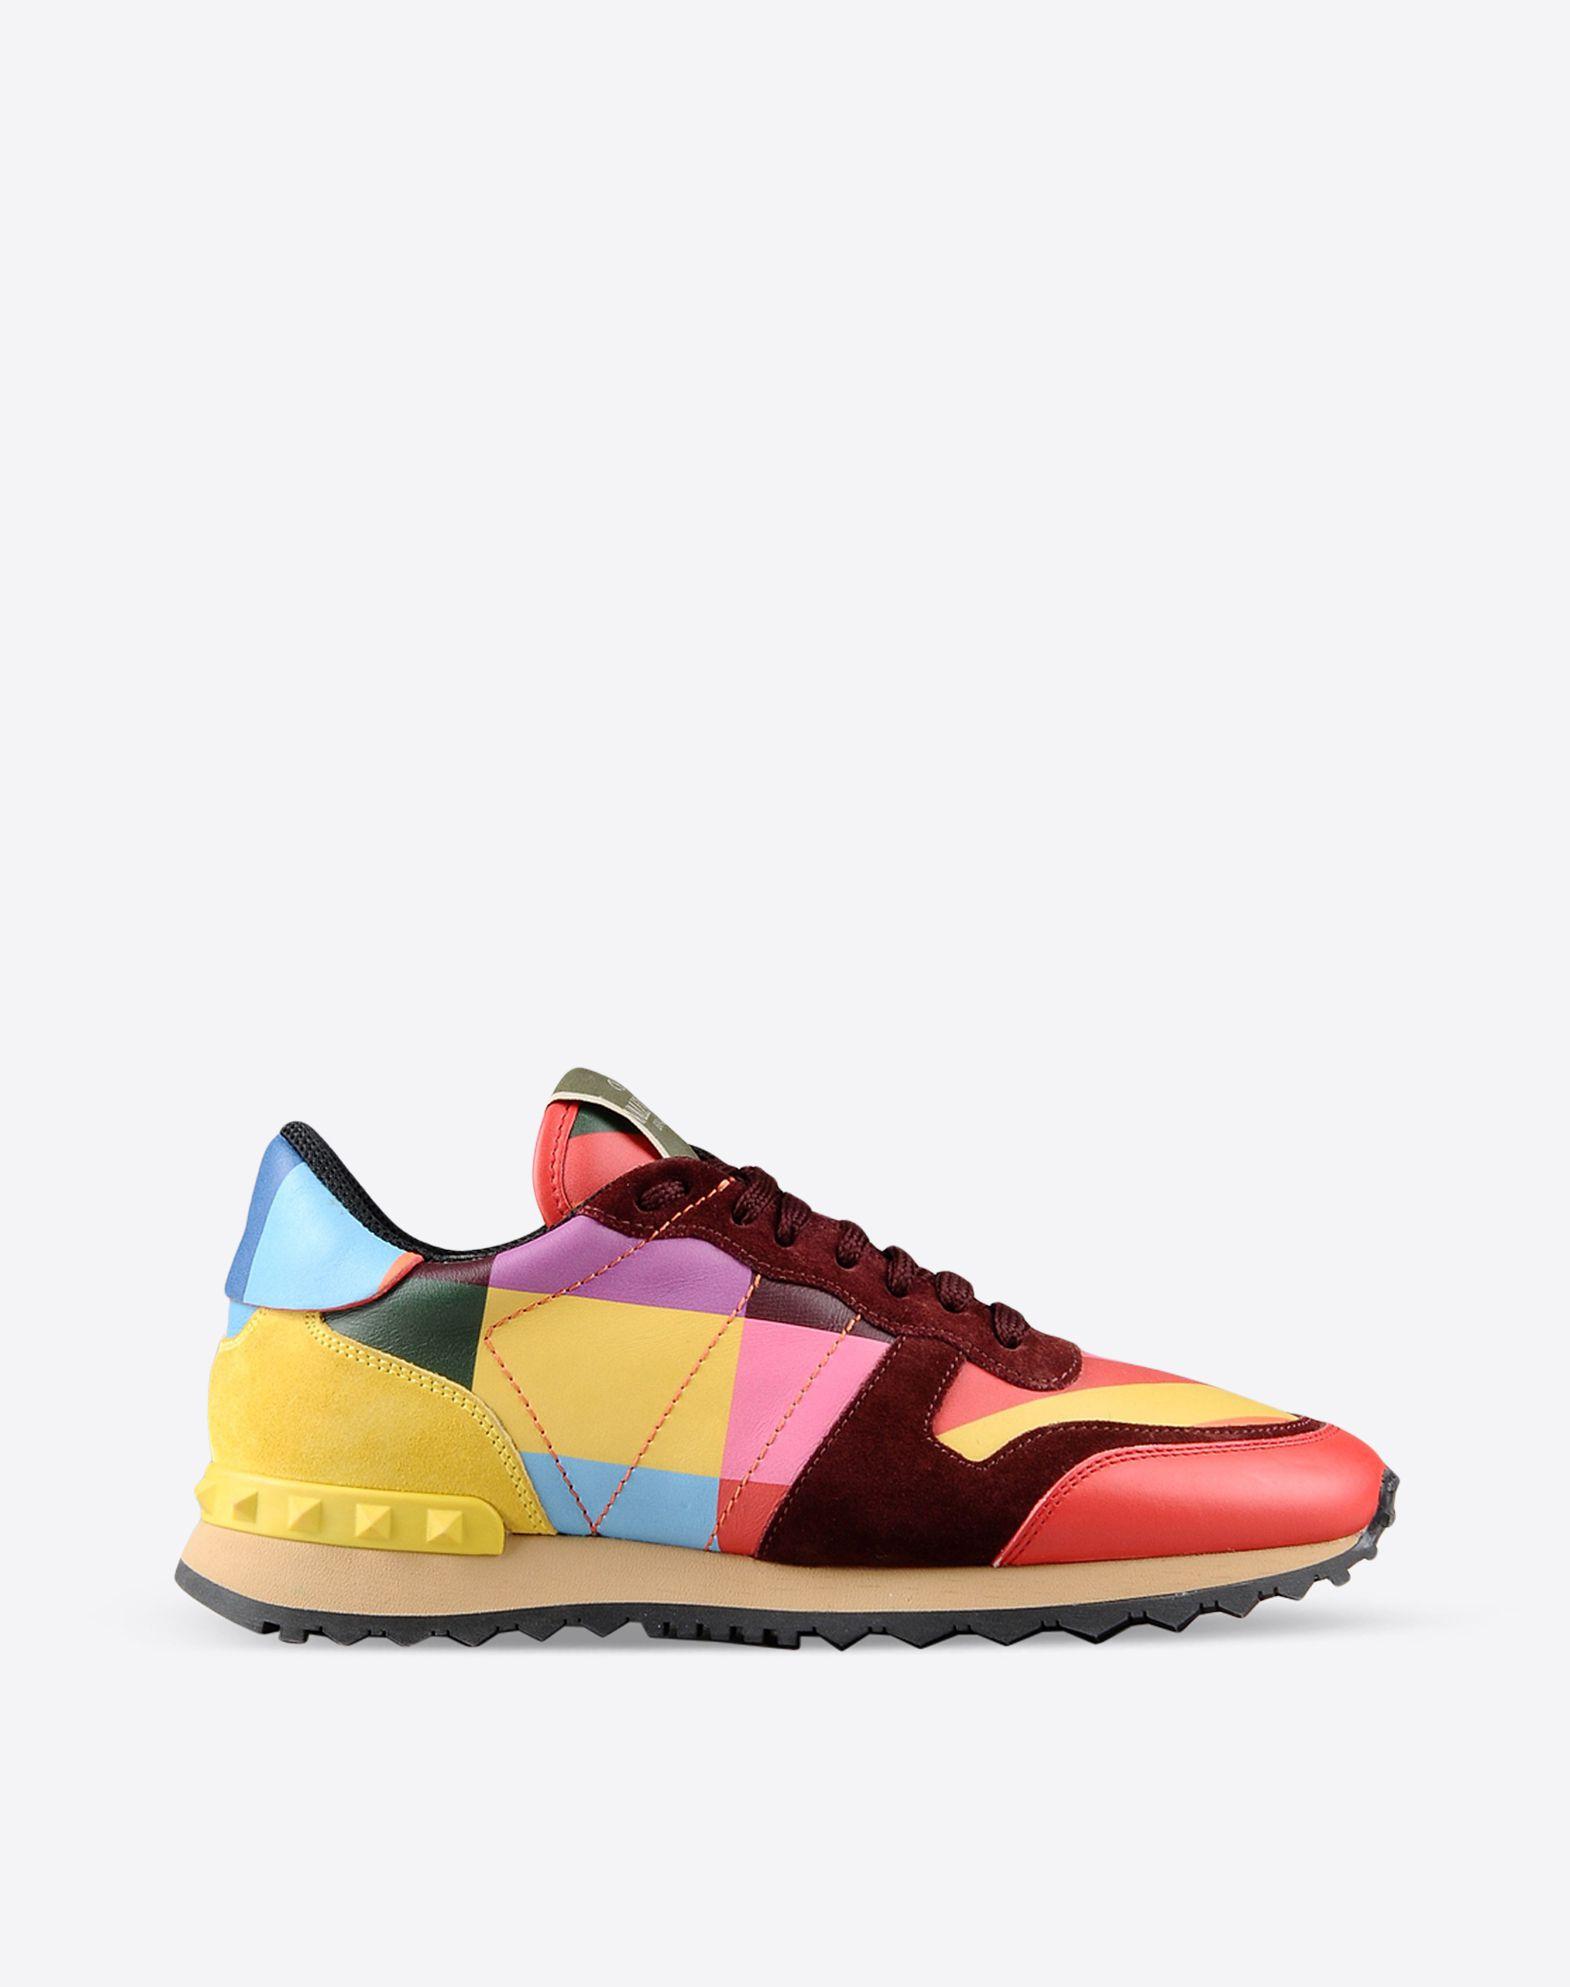 Chaussures Multicolores Valentino 3Tc7rJ